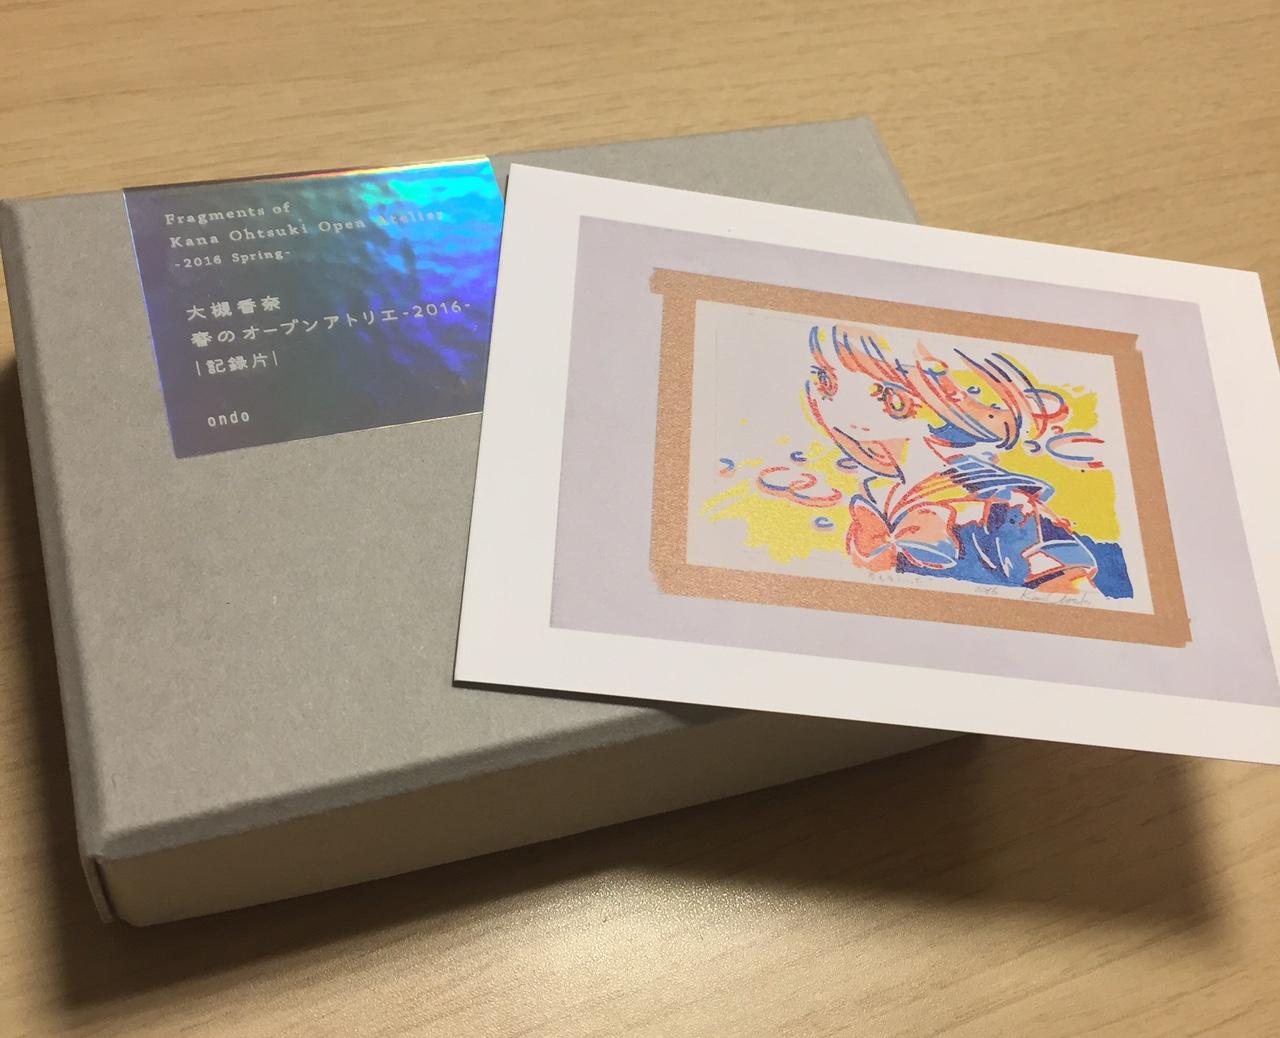 大槻香奈さん「記録片」